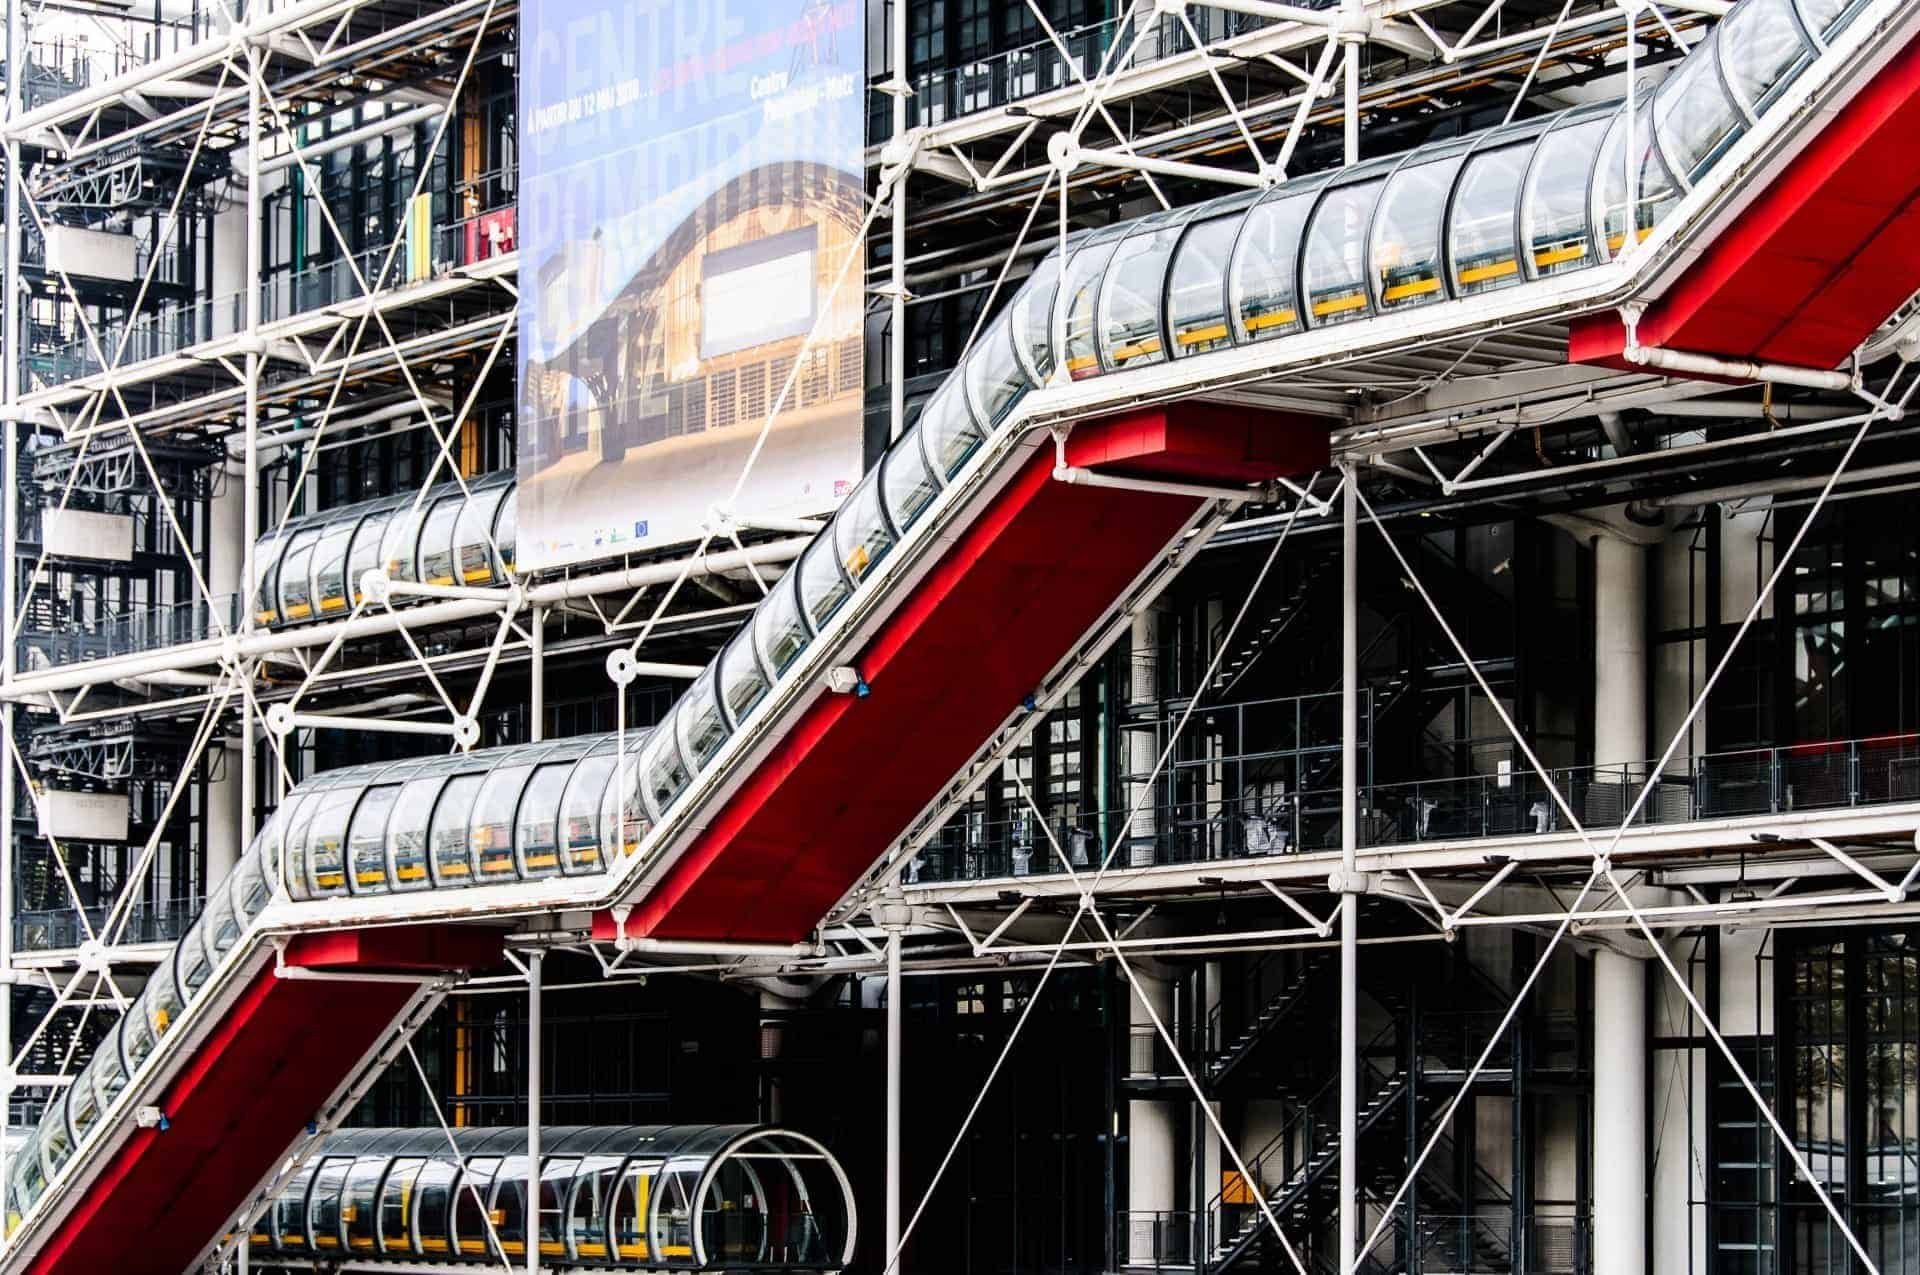 Pompidou, Paris